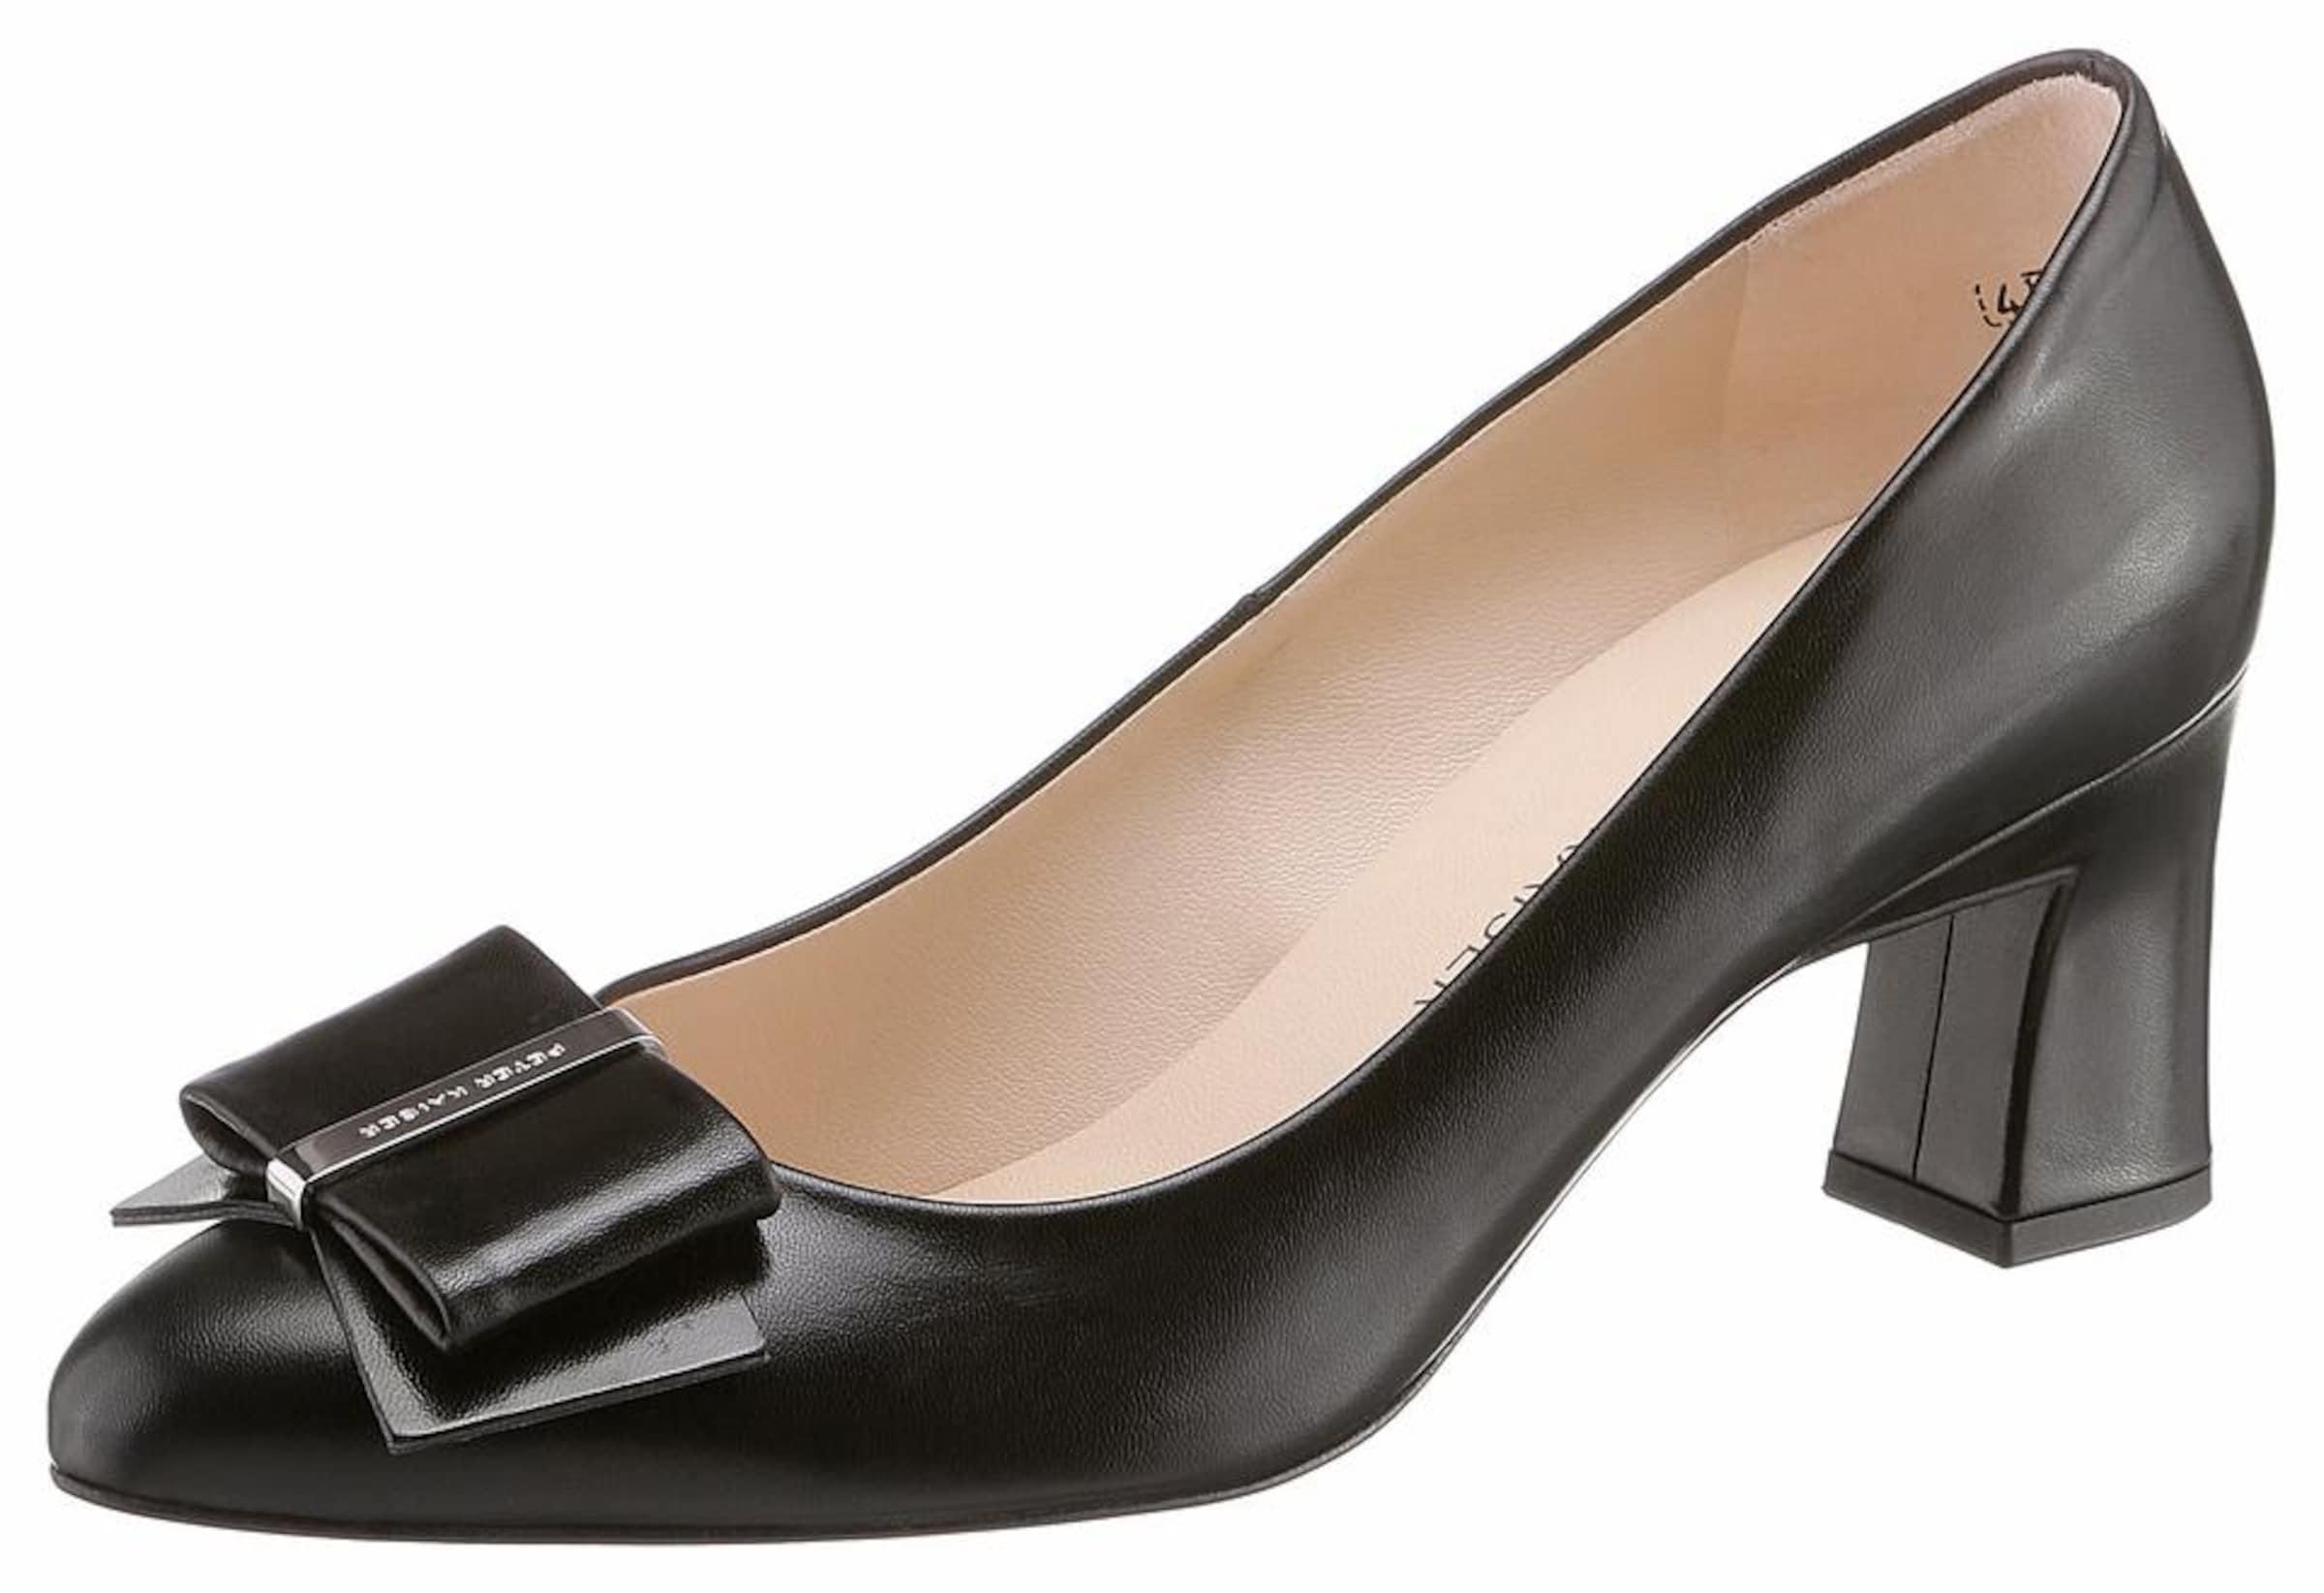 Haltbare Mode billige Schuhe PETER KAISER | Pumps 'Leika' Schuhe Gut getragene Schuhe